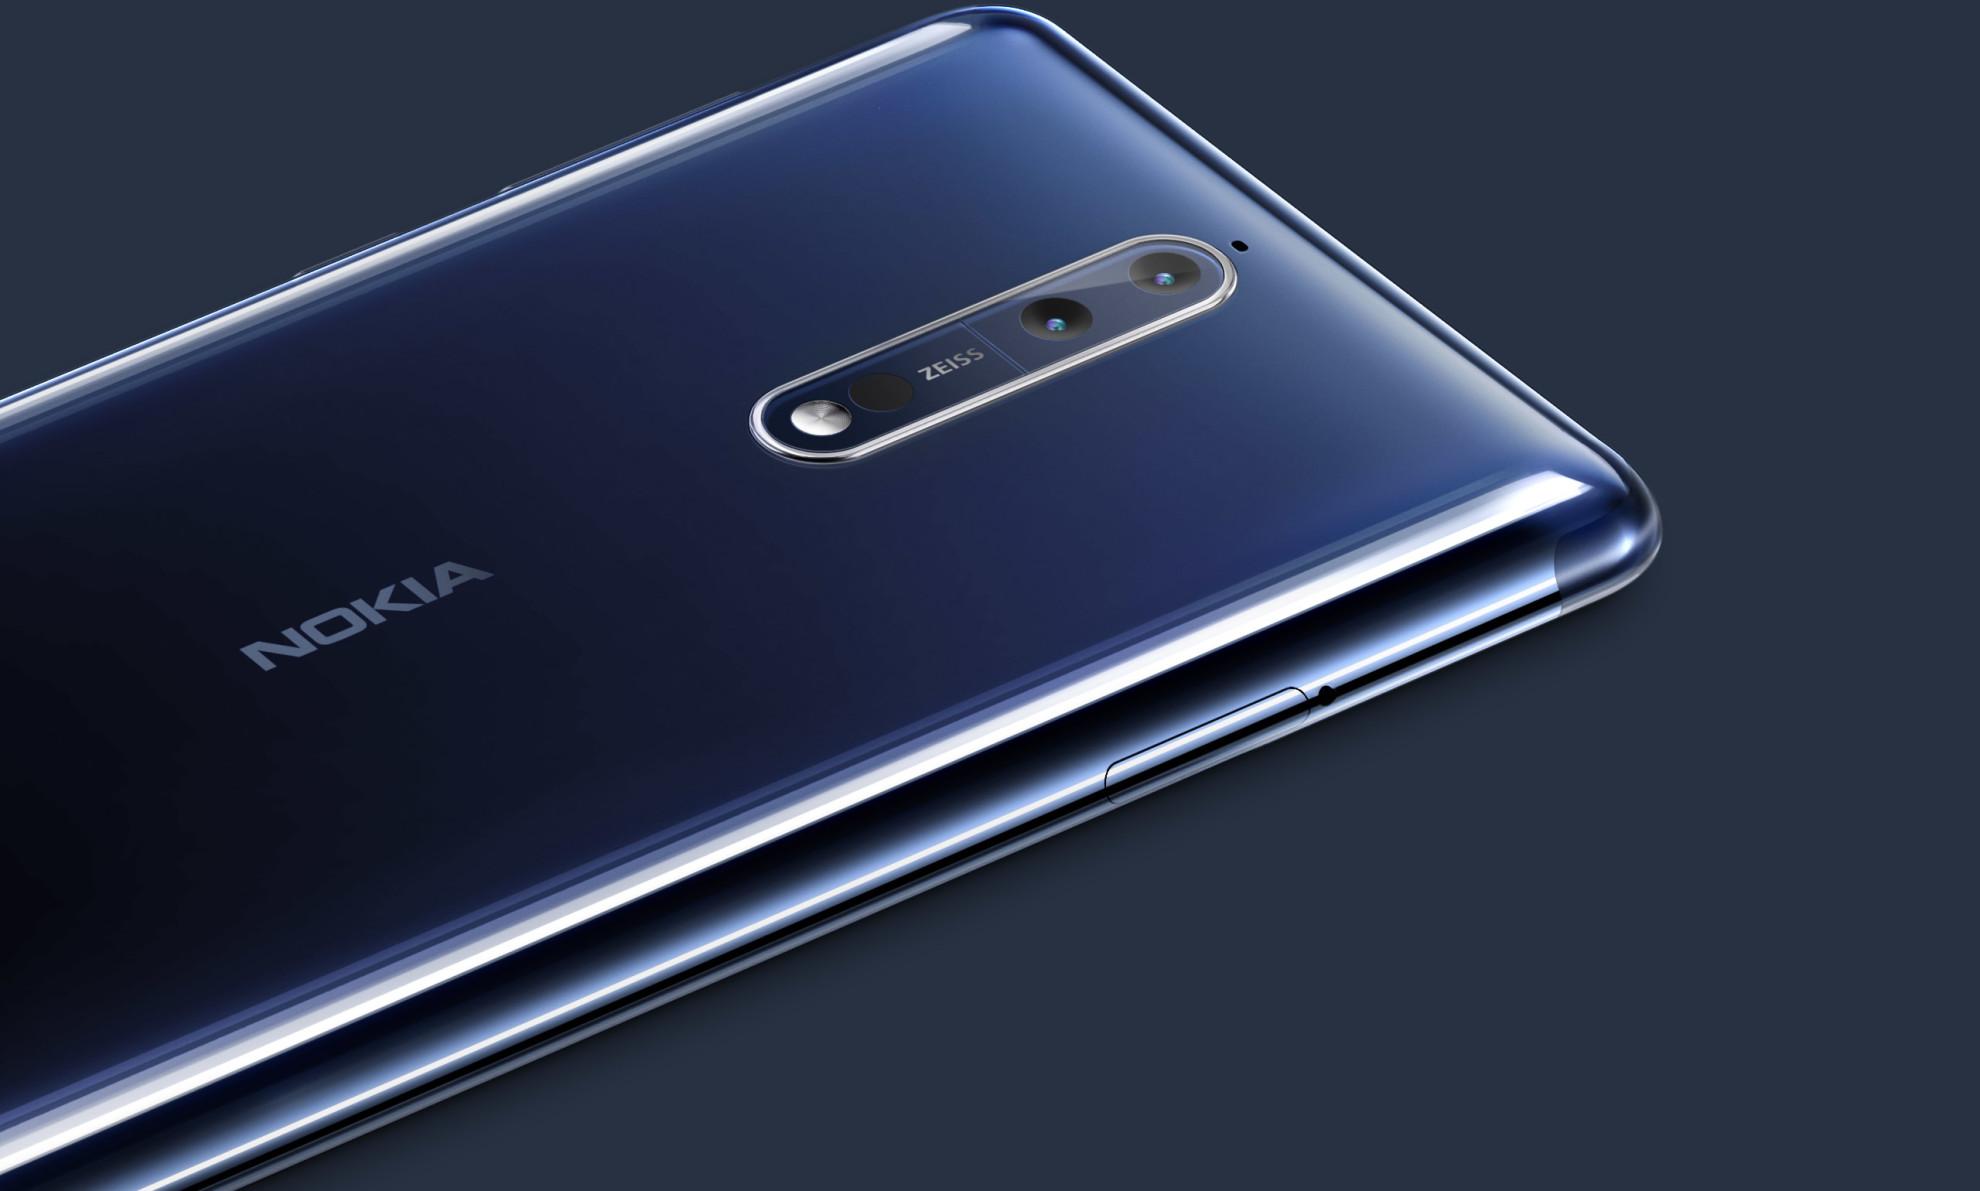 La Rinascita Di Nokia è Senza Ombra Di Dubbio Una Delle Migliori Notizie Di  Questo 2017 Nel Mondo Hi Tech. Il Brand Finlandese, Rivitalizzato  Dallu0027azienda ...